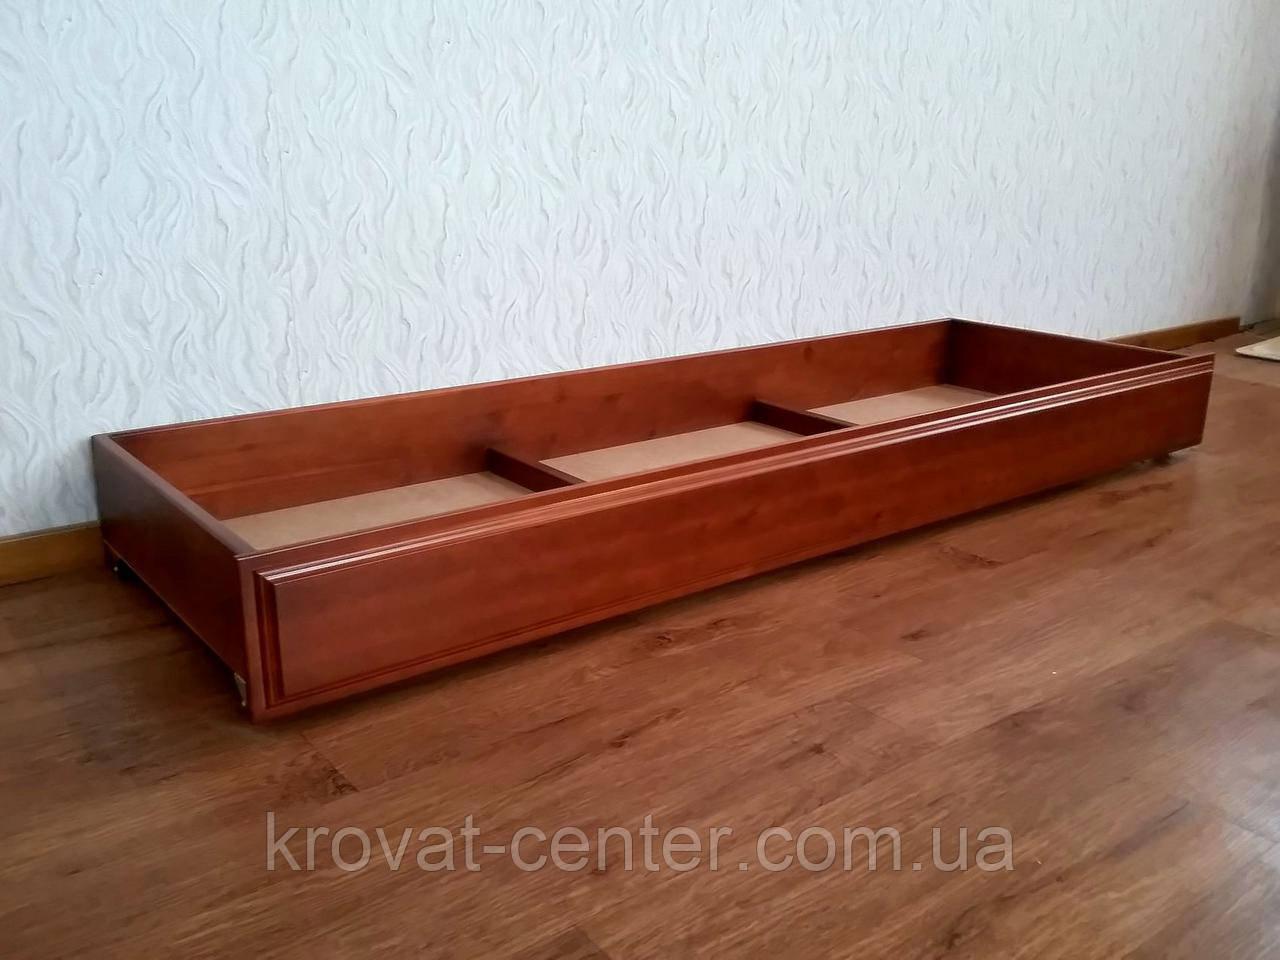 Деревянный ящик на колесиках (длина 180 см) от производителя